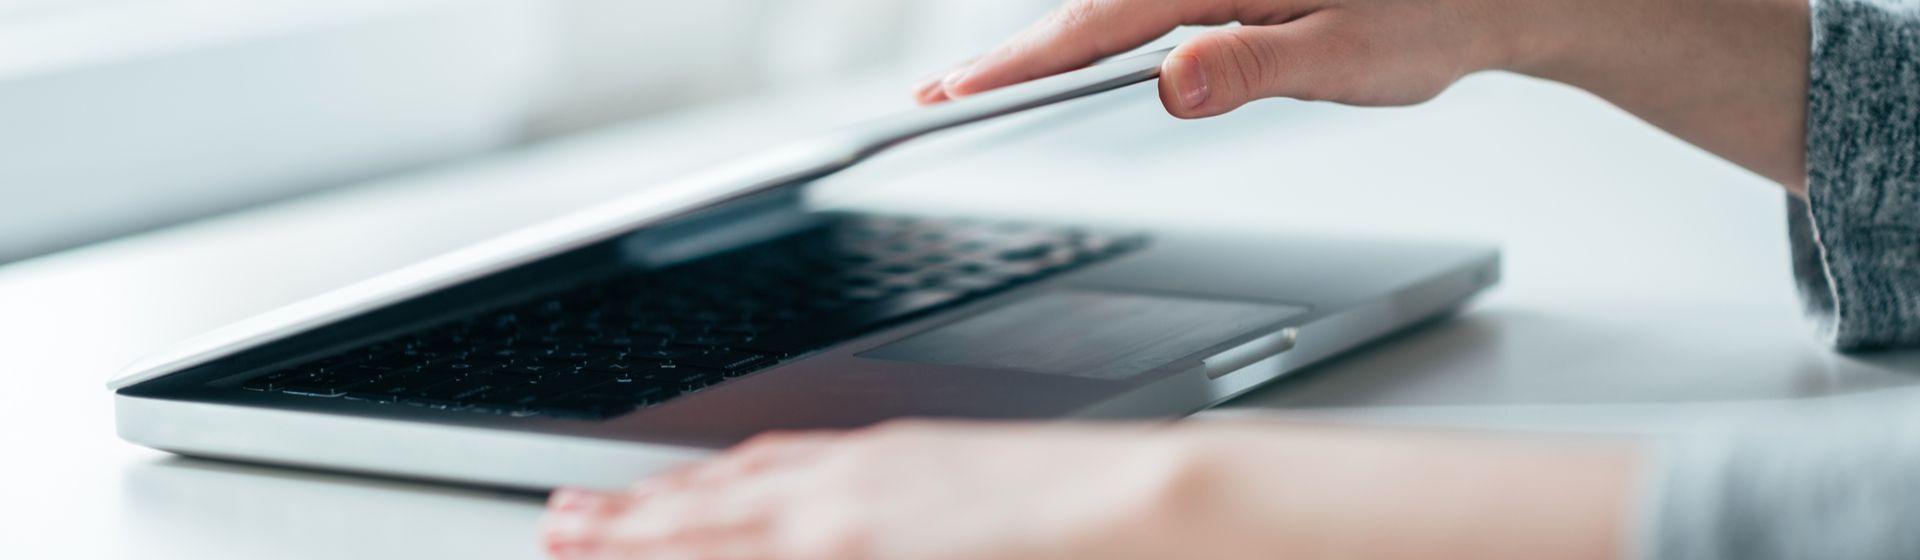 Qual a melhor marca de notebook? Conheça modelos de cinco fabricantes